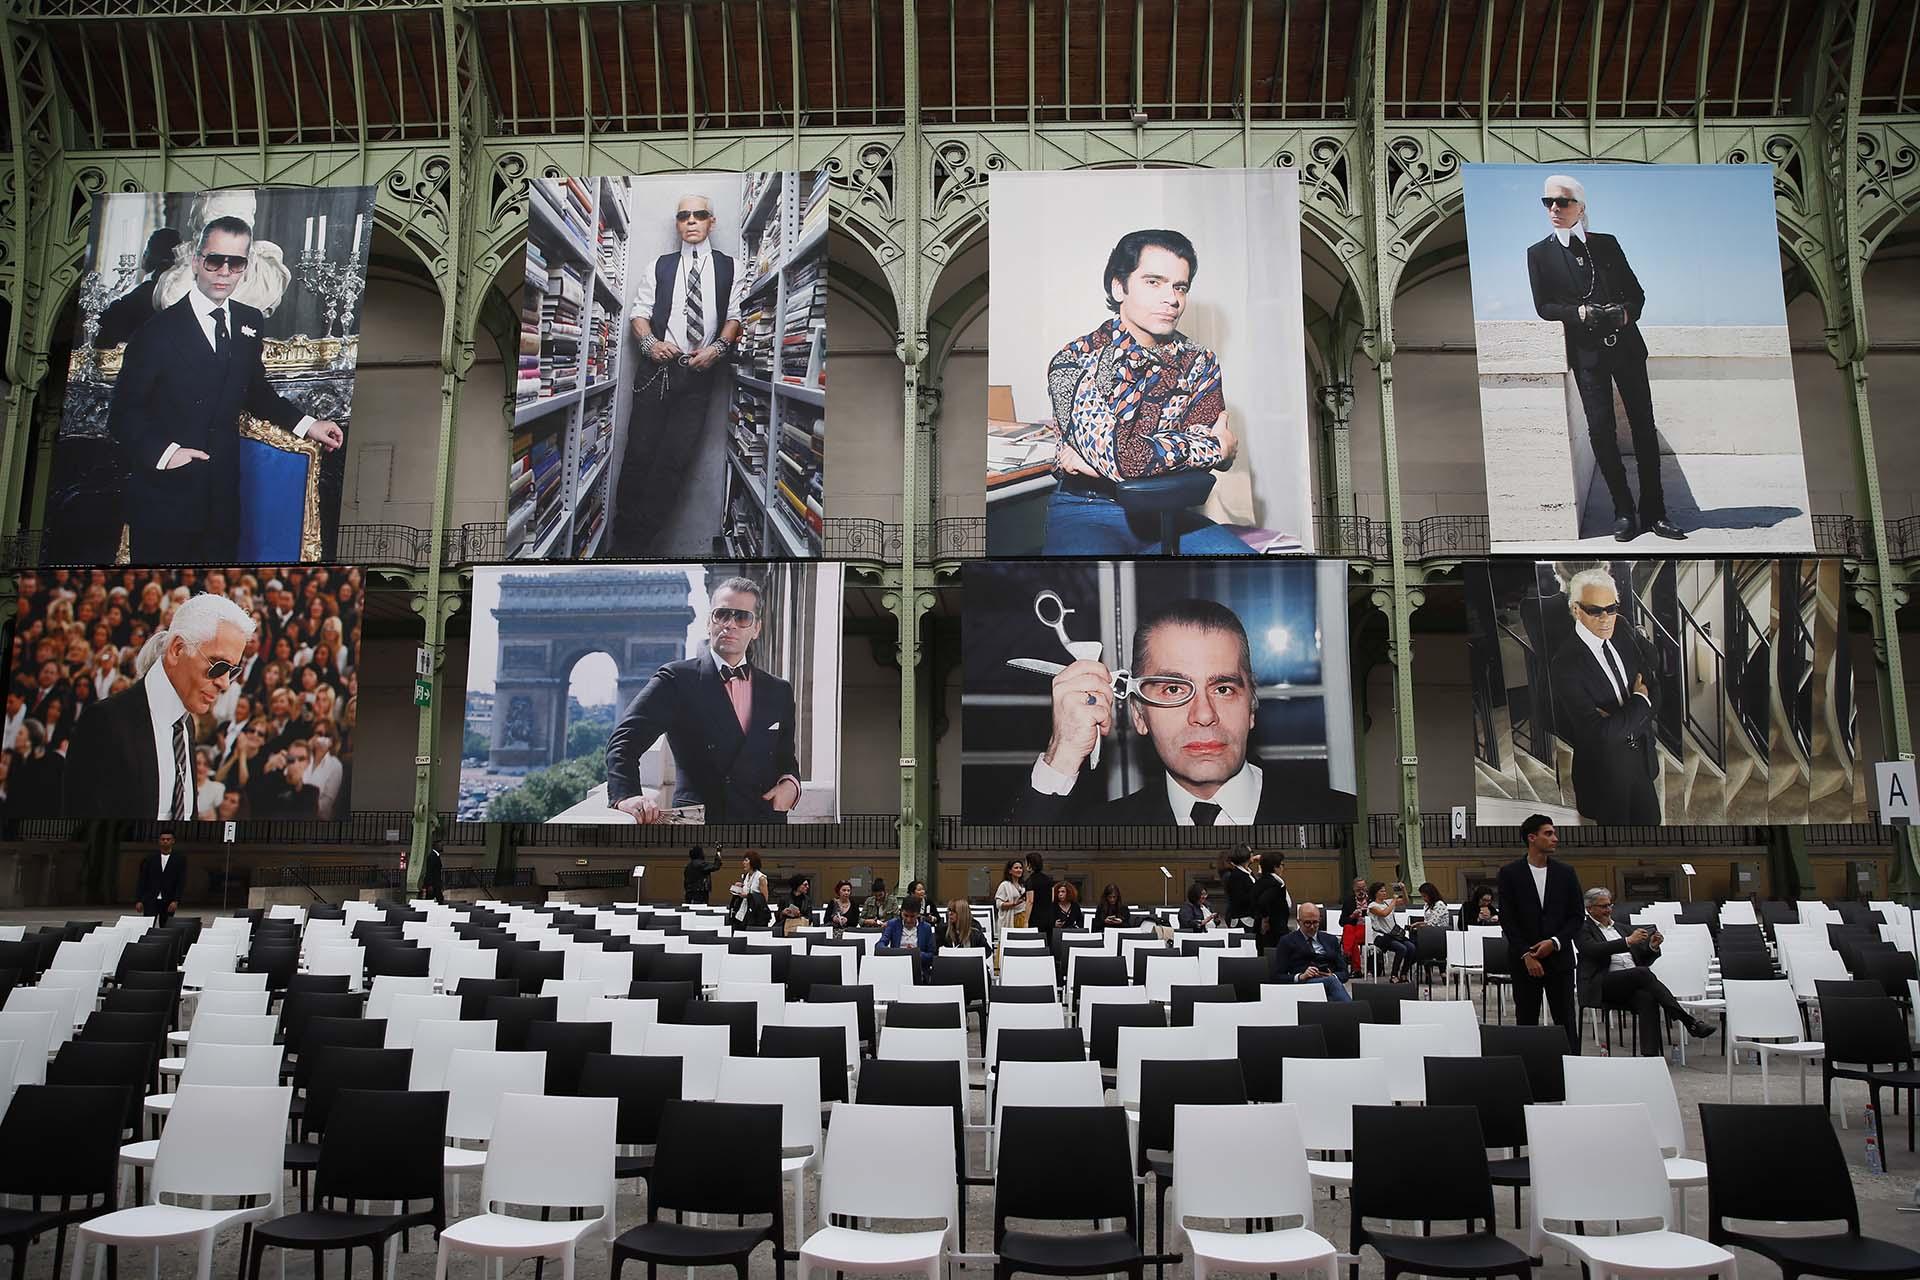 Baptiste Giabiconi, última pareja conocida del diseñador fue el gran ausente en el tributo